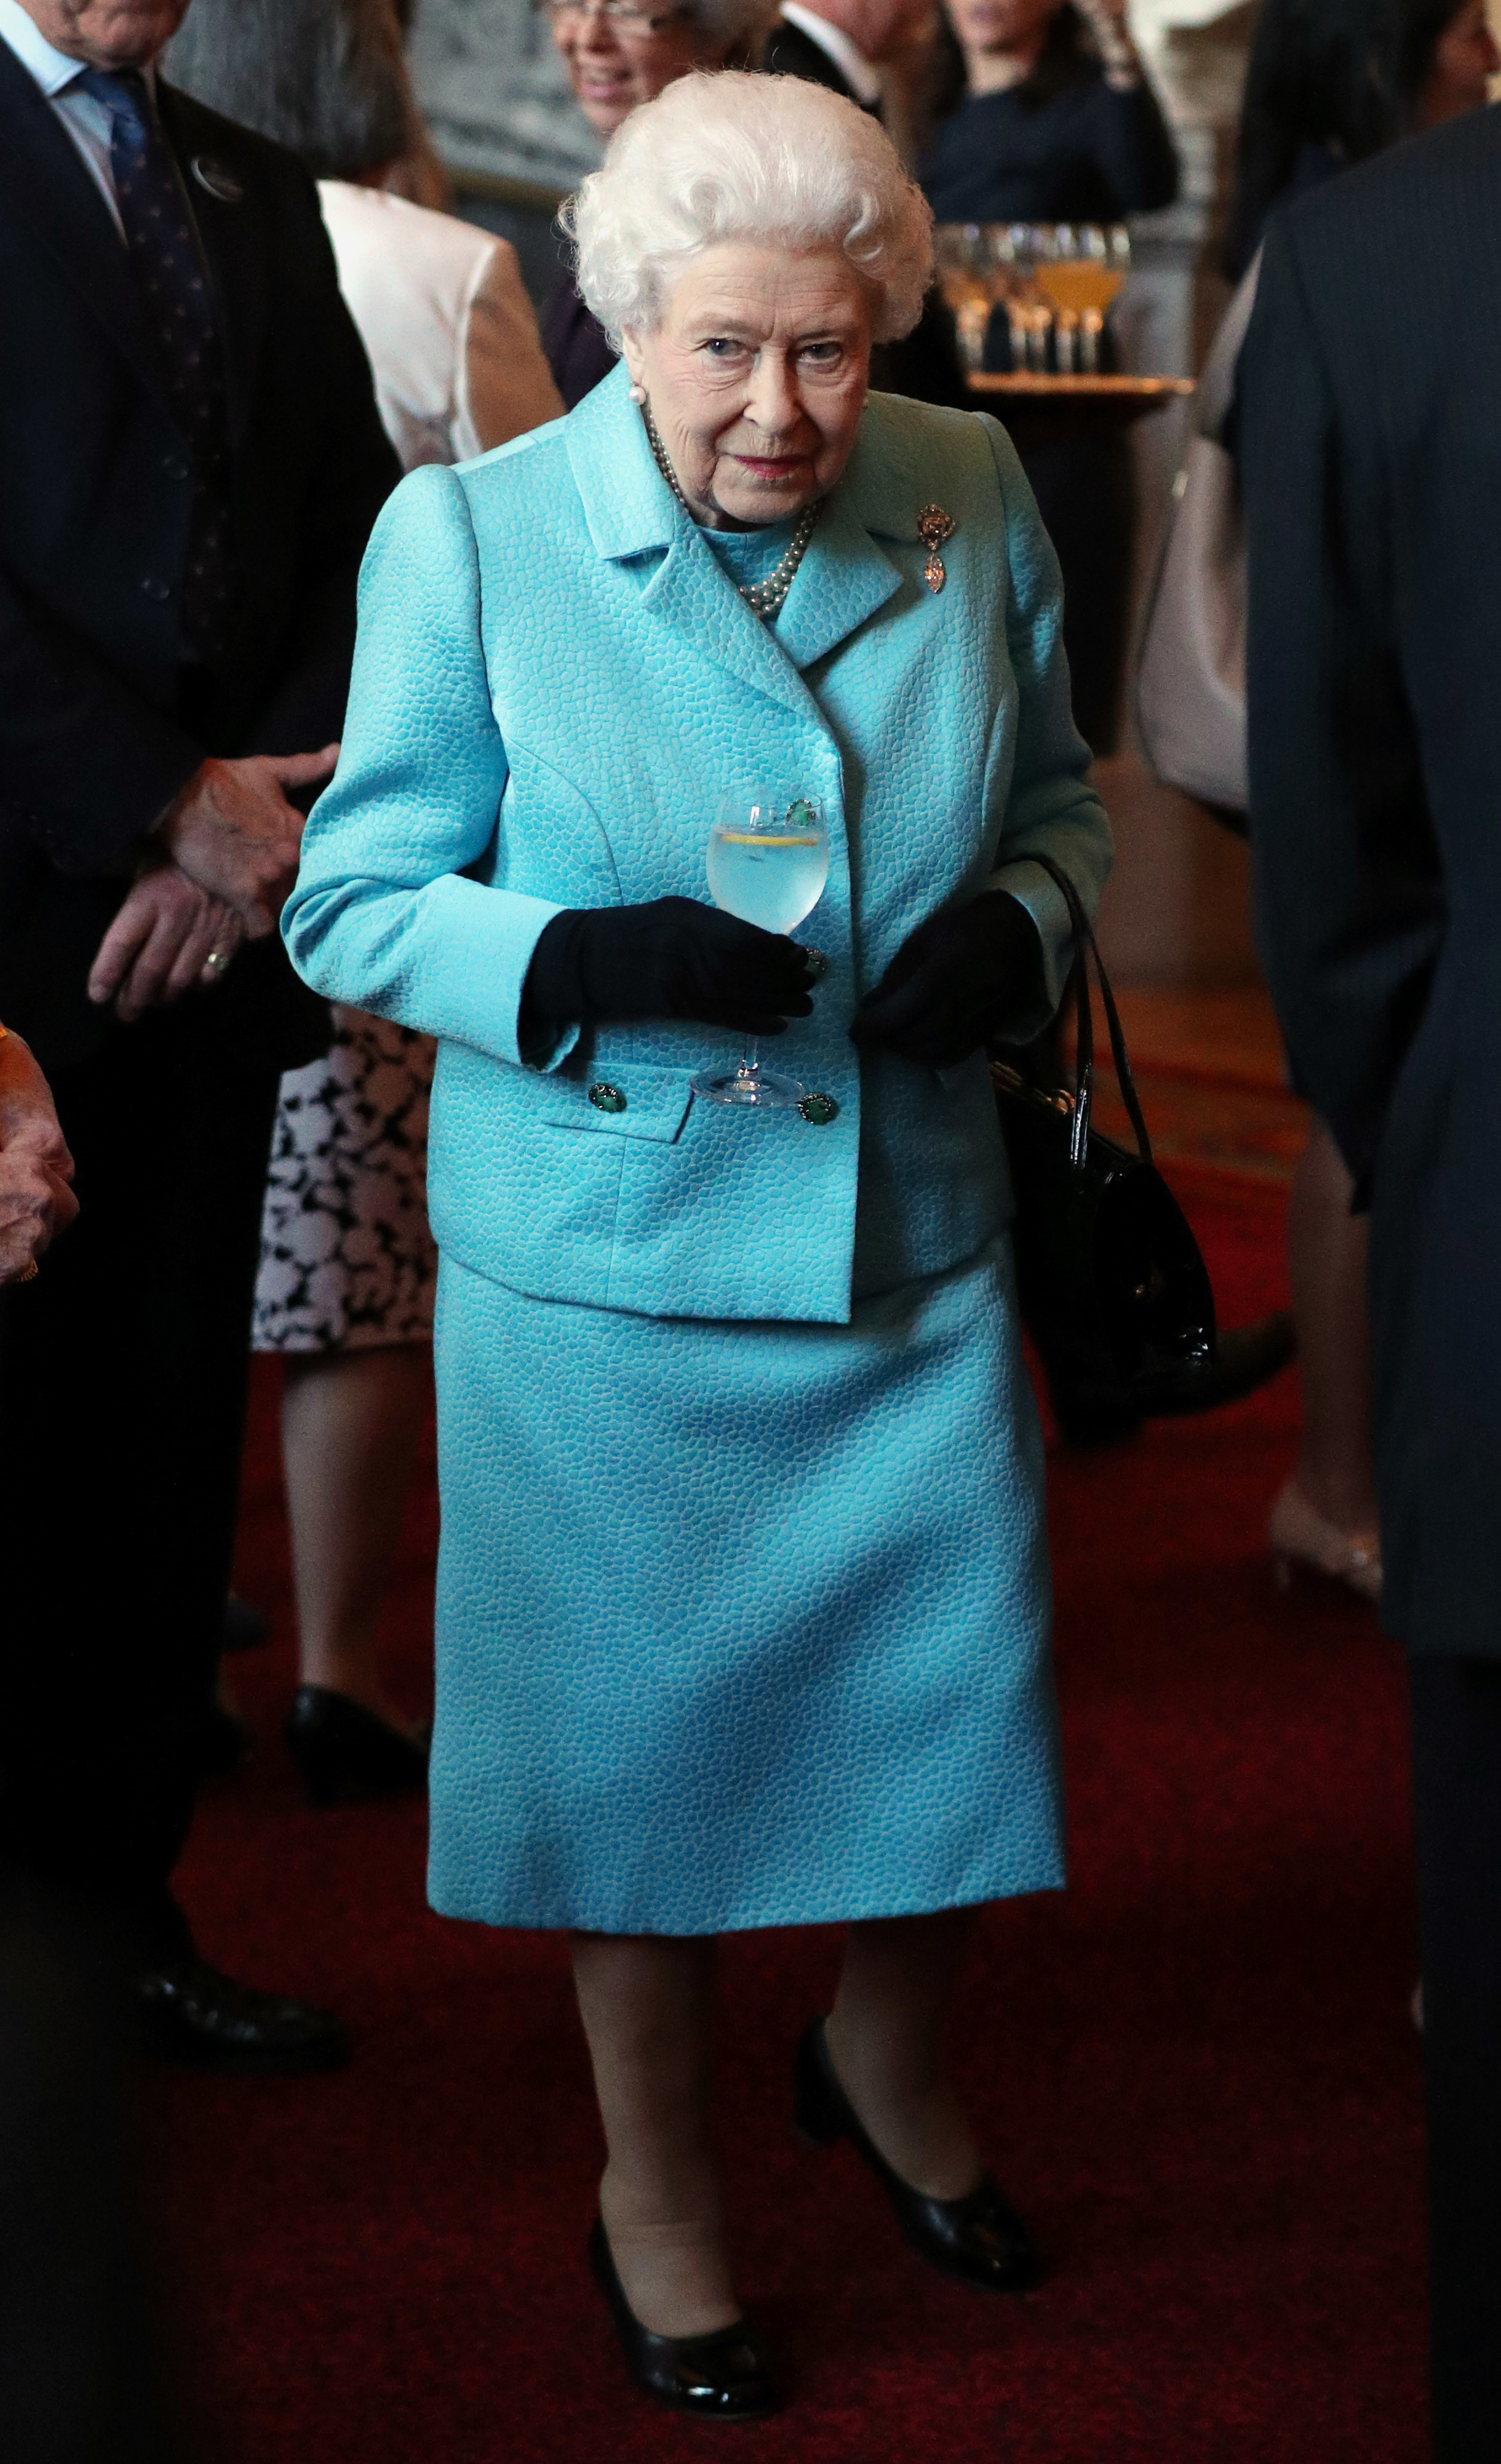 Королева Англии Елизавета II в ярко-голубом костюме с юбкой